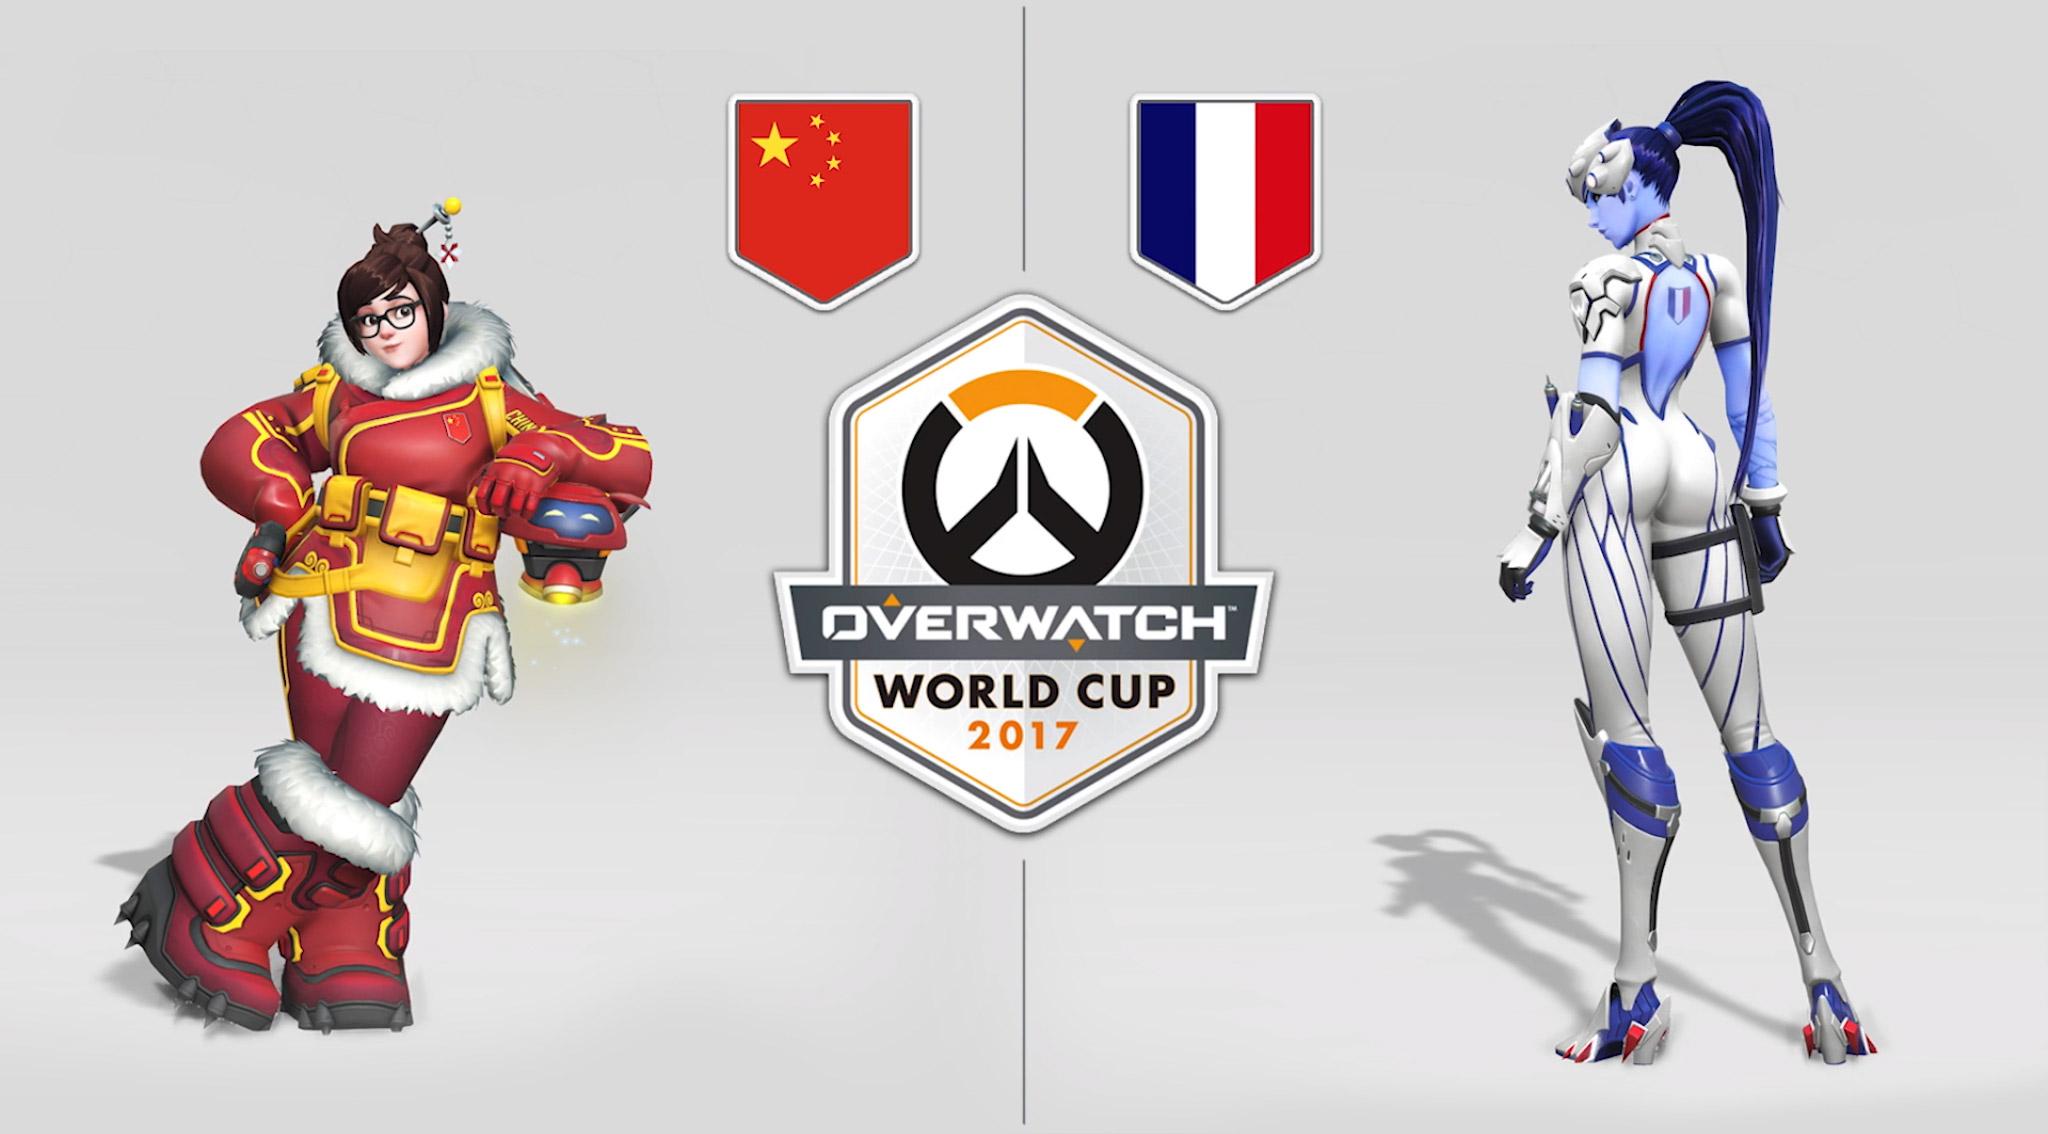 Skins des héros pour la Chine et la France lors de l'Overwatch World Cup 2017